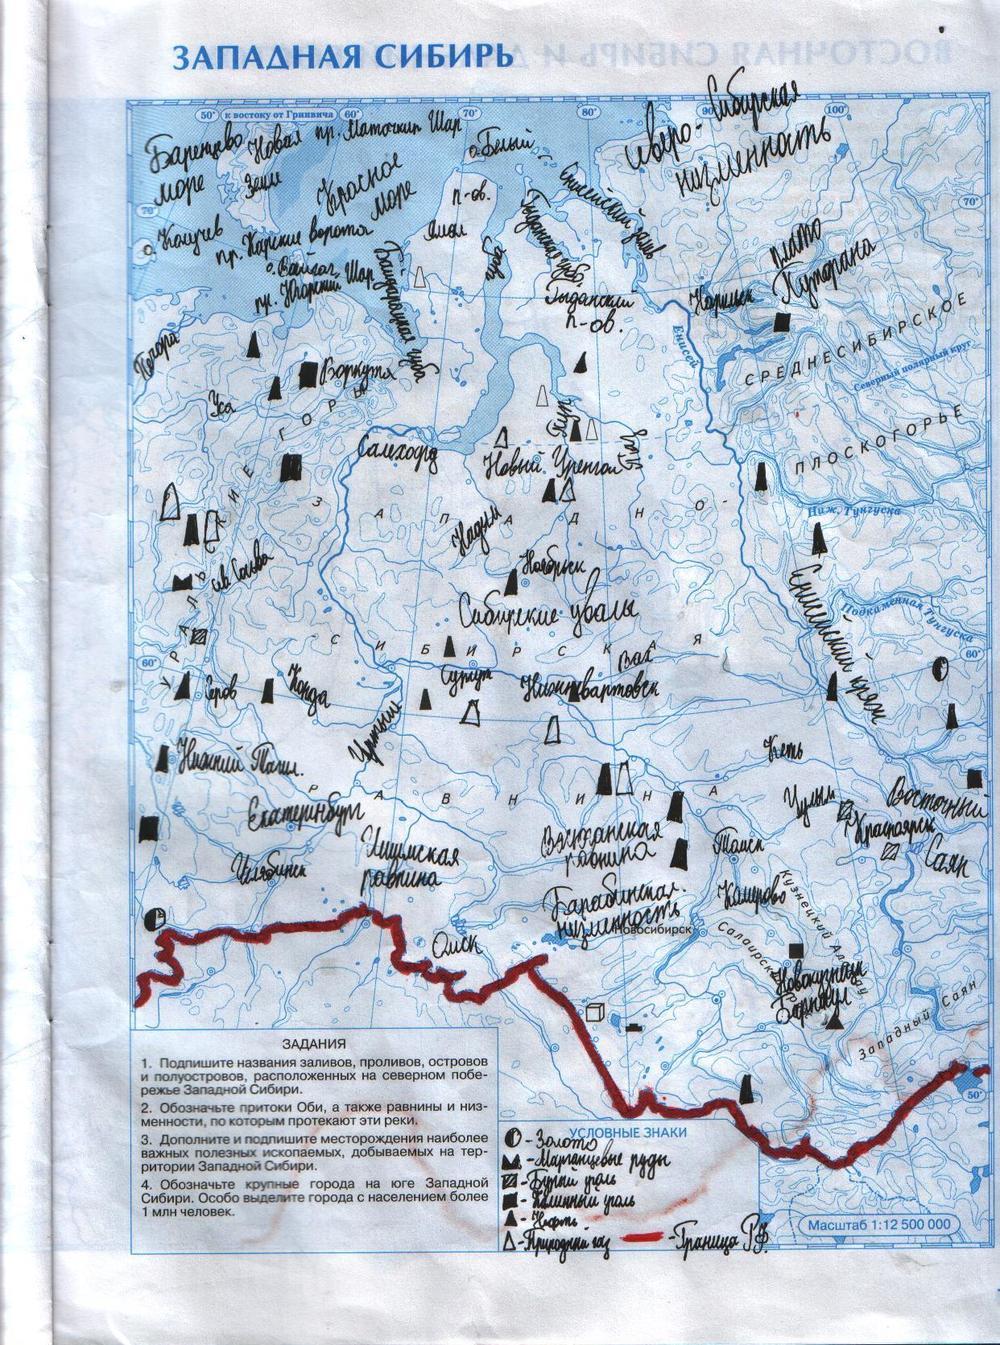 Карта западной сибири гдз